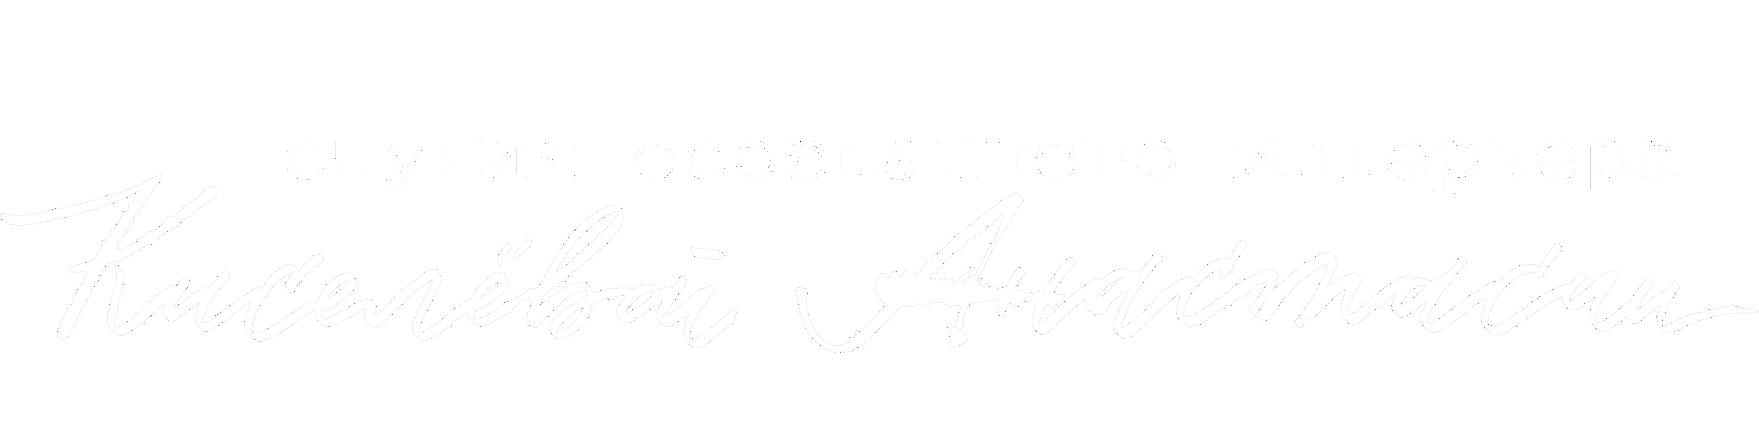 студия осознанного дизайна АНАСТАСИИ КИСЕЛЕВОЙ